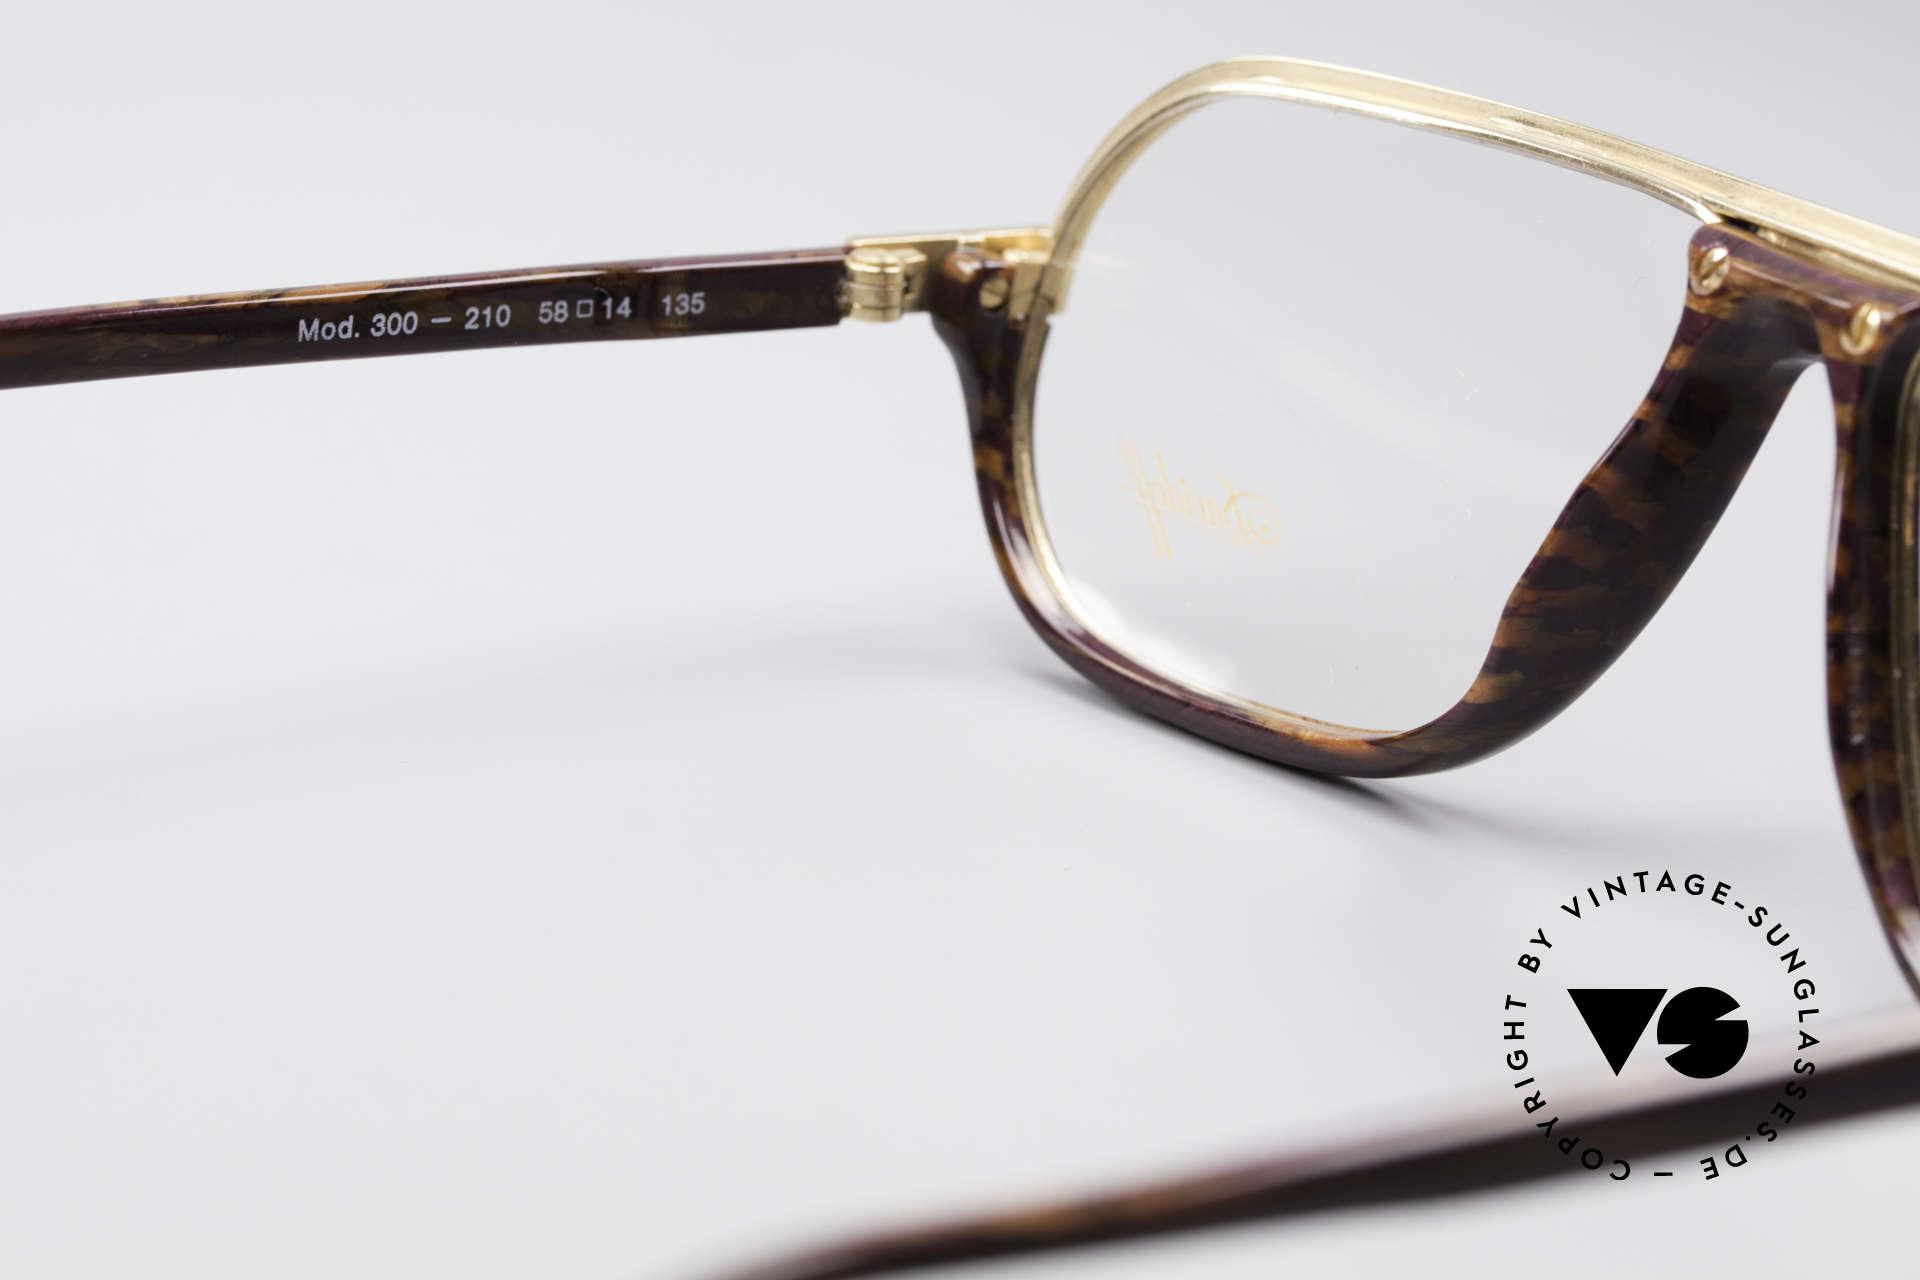 0a9afed125d6 Glasses Davidoff 300 Small Men's Vintage Glasses | Vintage Sunglasses